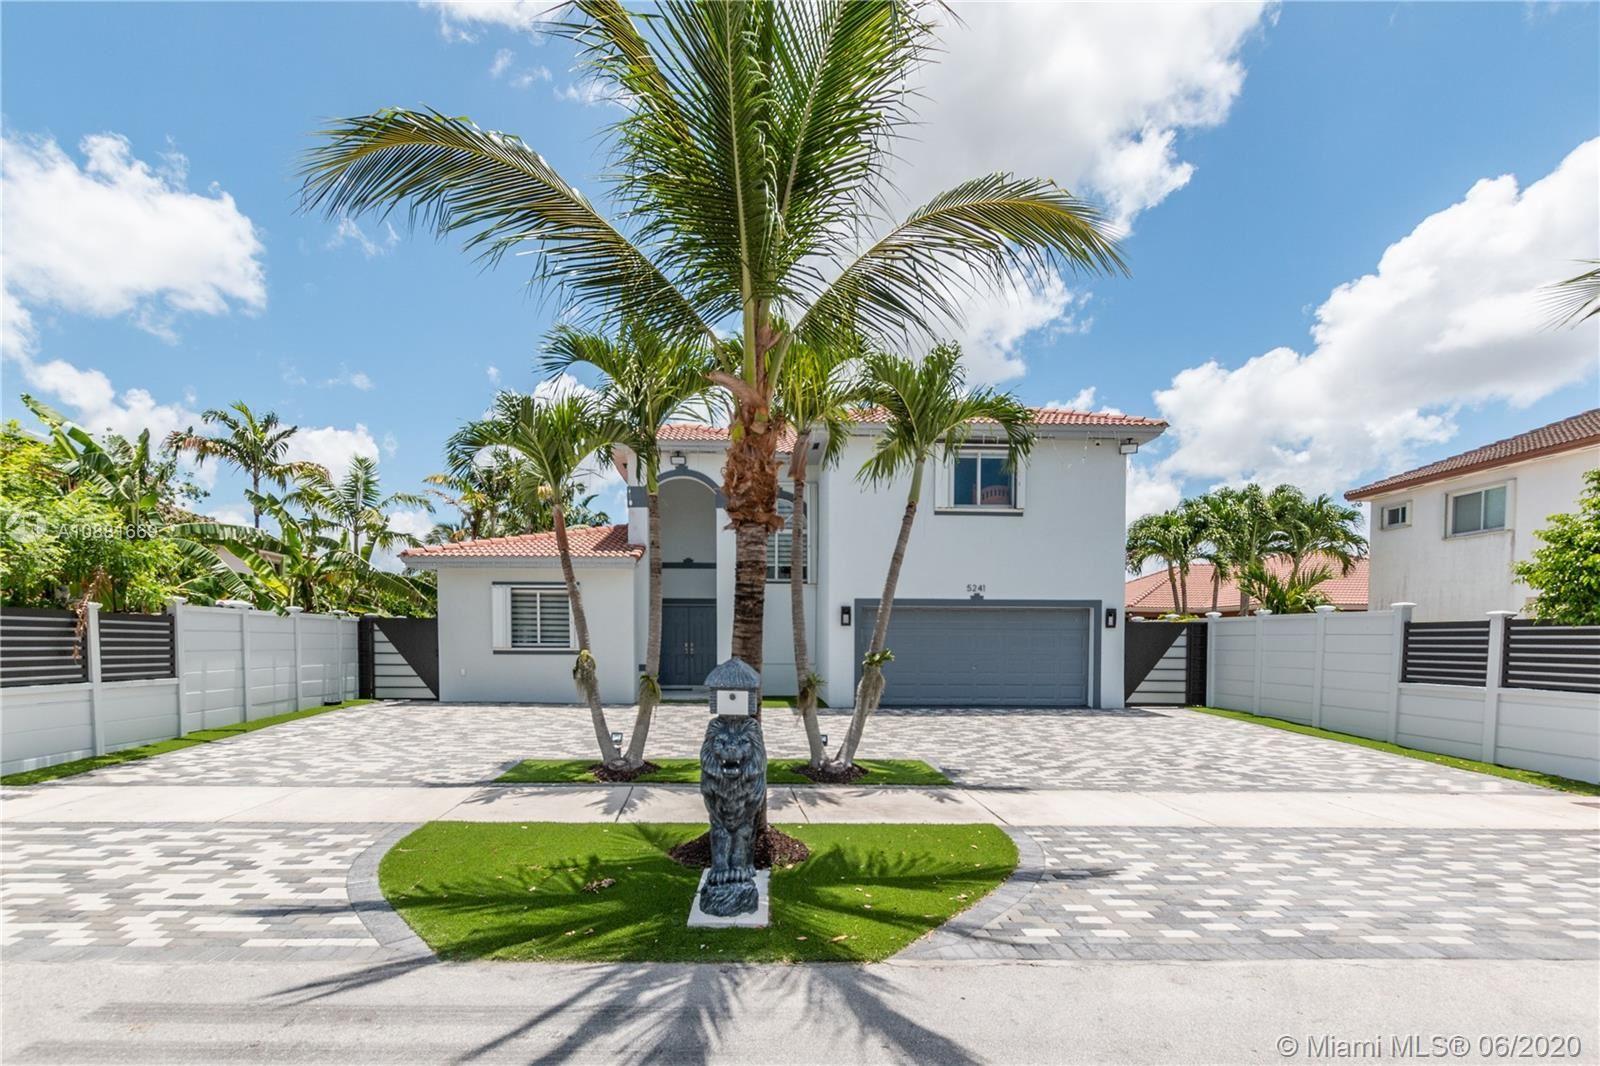 5241 SW 164th Pl, Miami, FL 33185 - #: A10881669